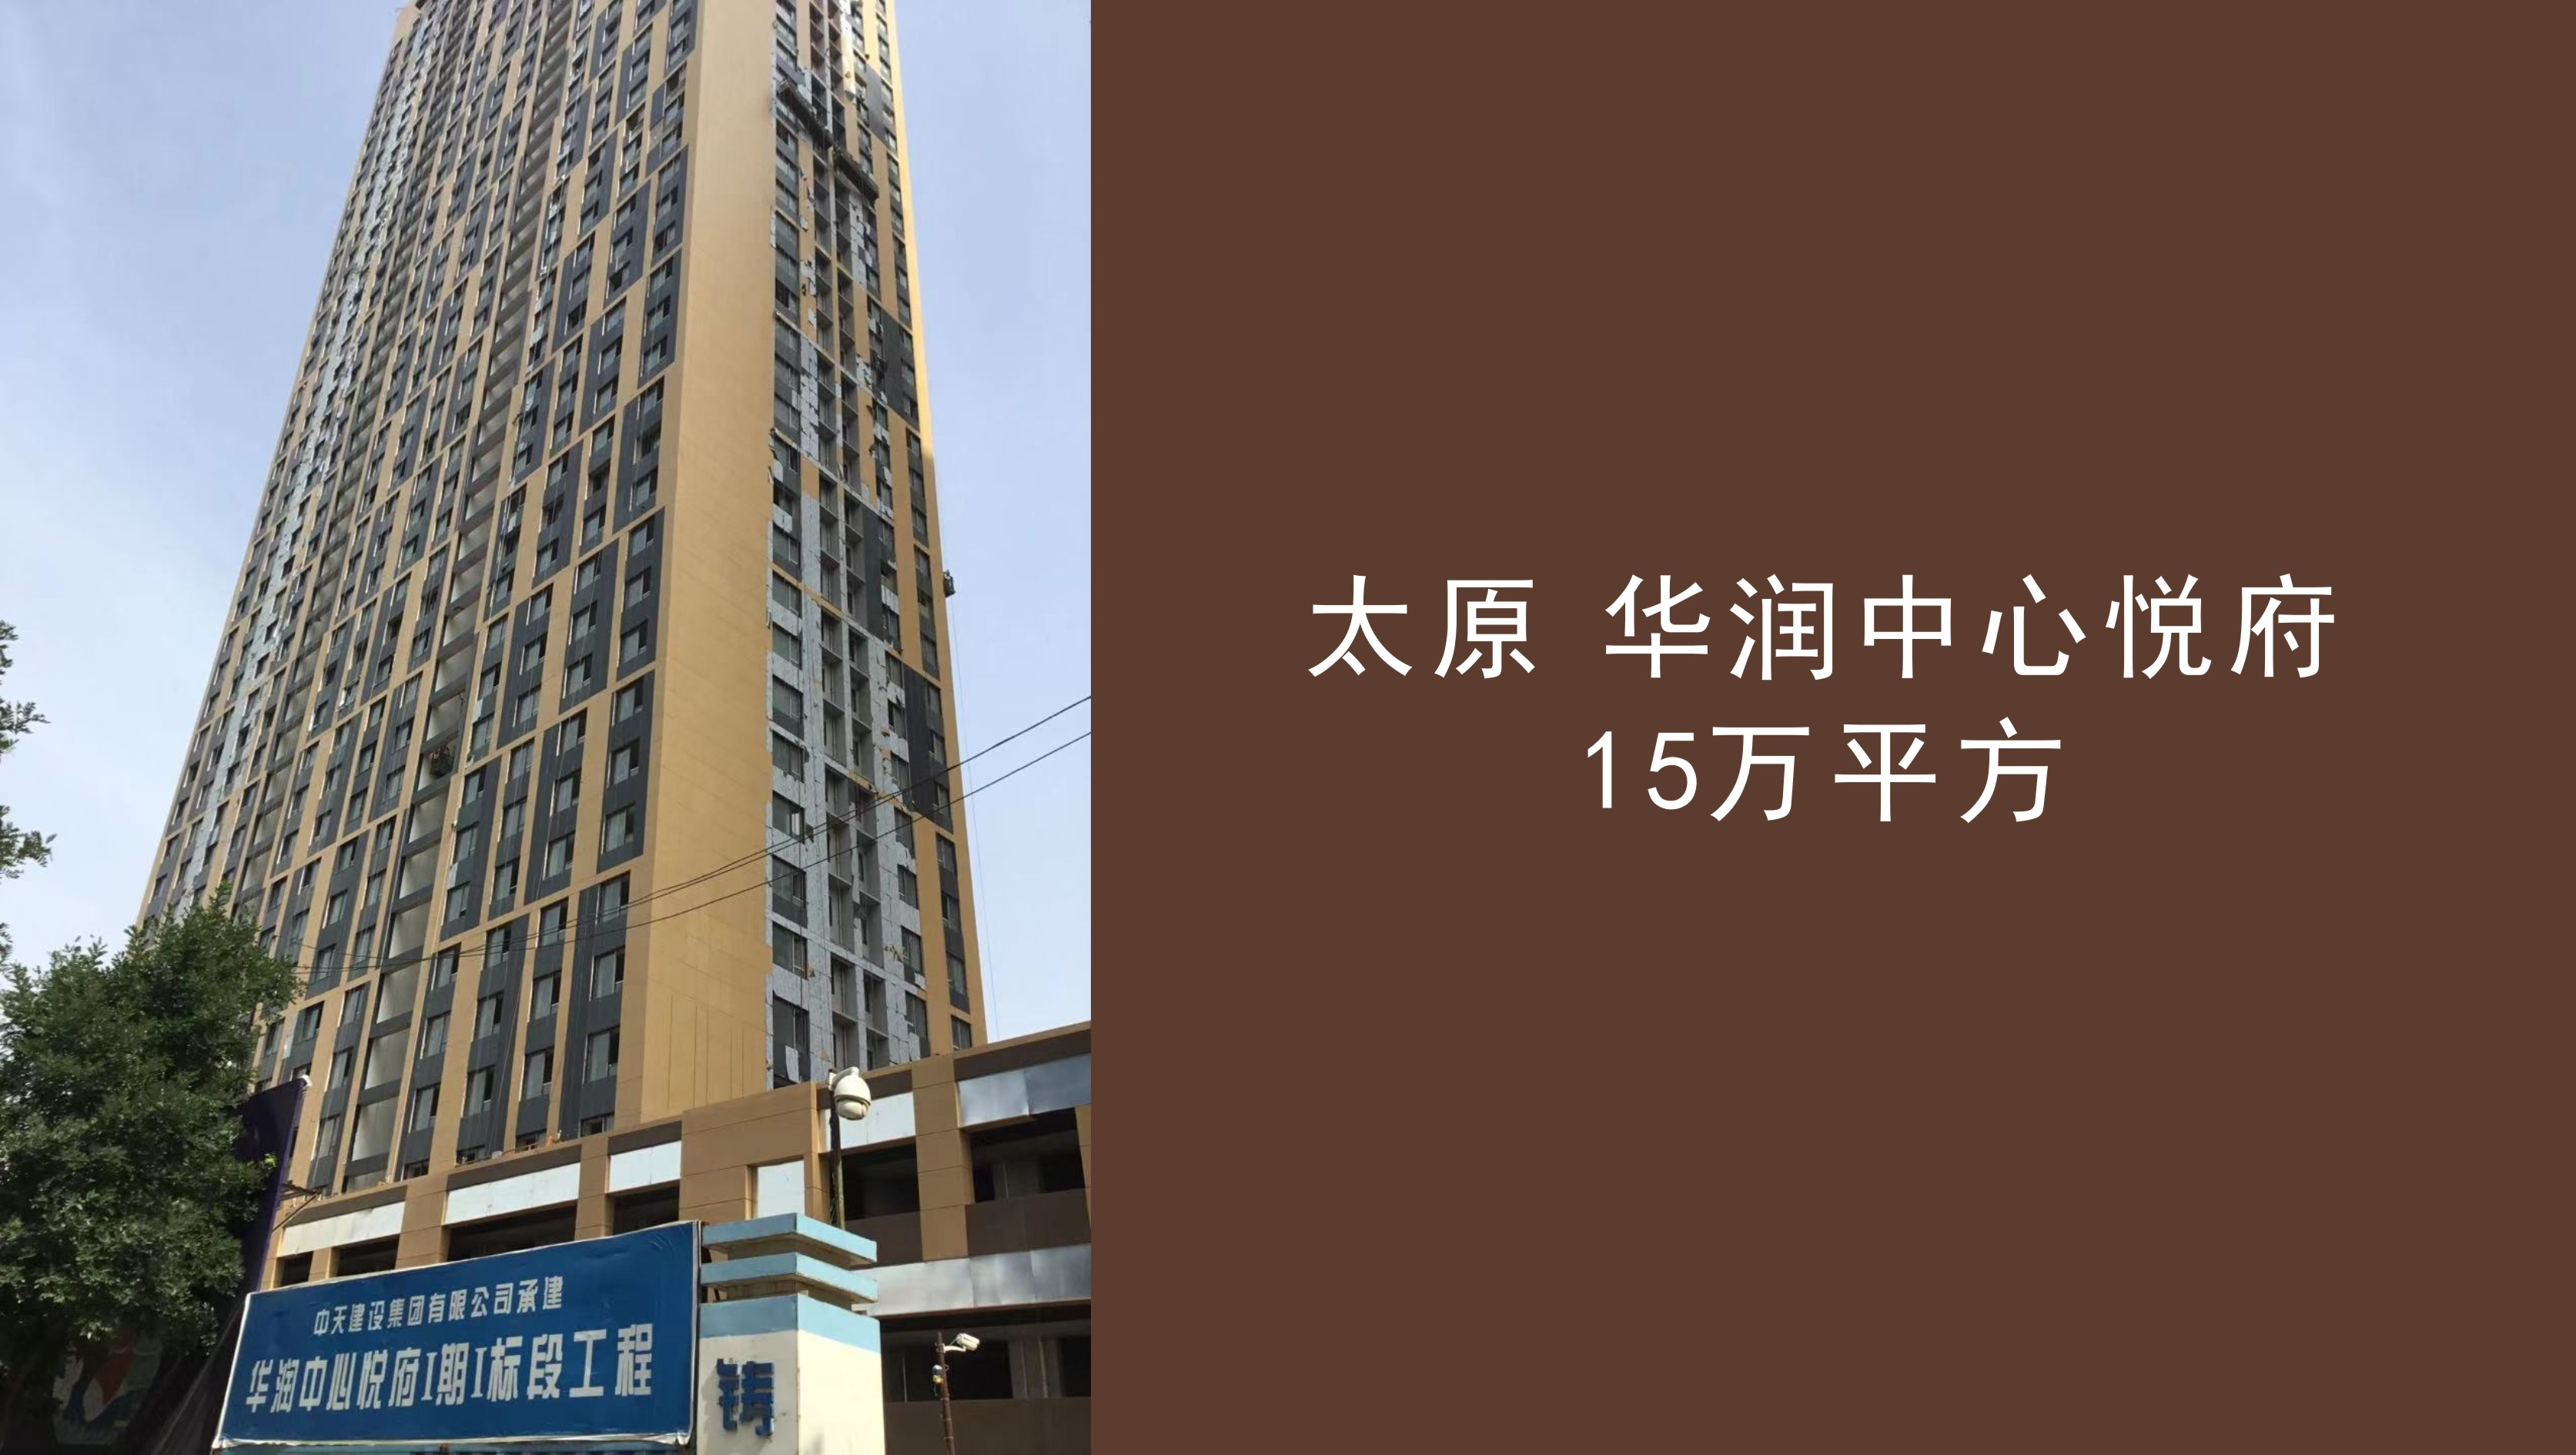 案例-太原华润中心悦府15万平方